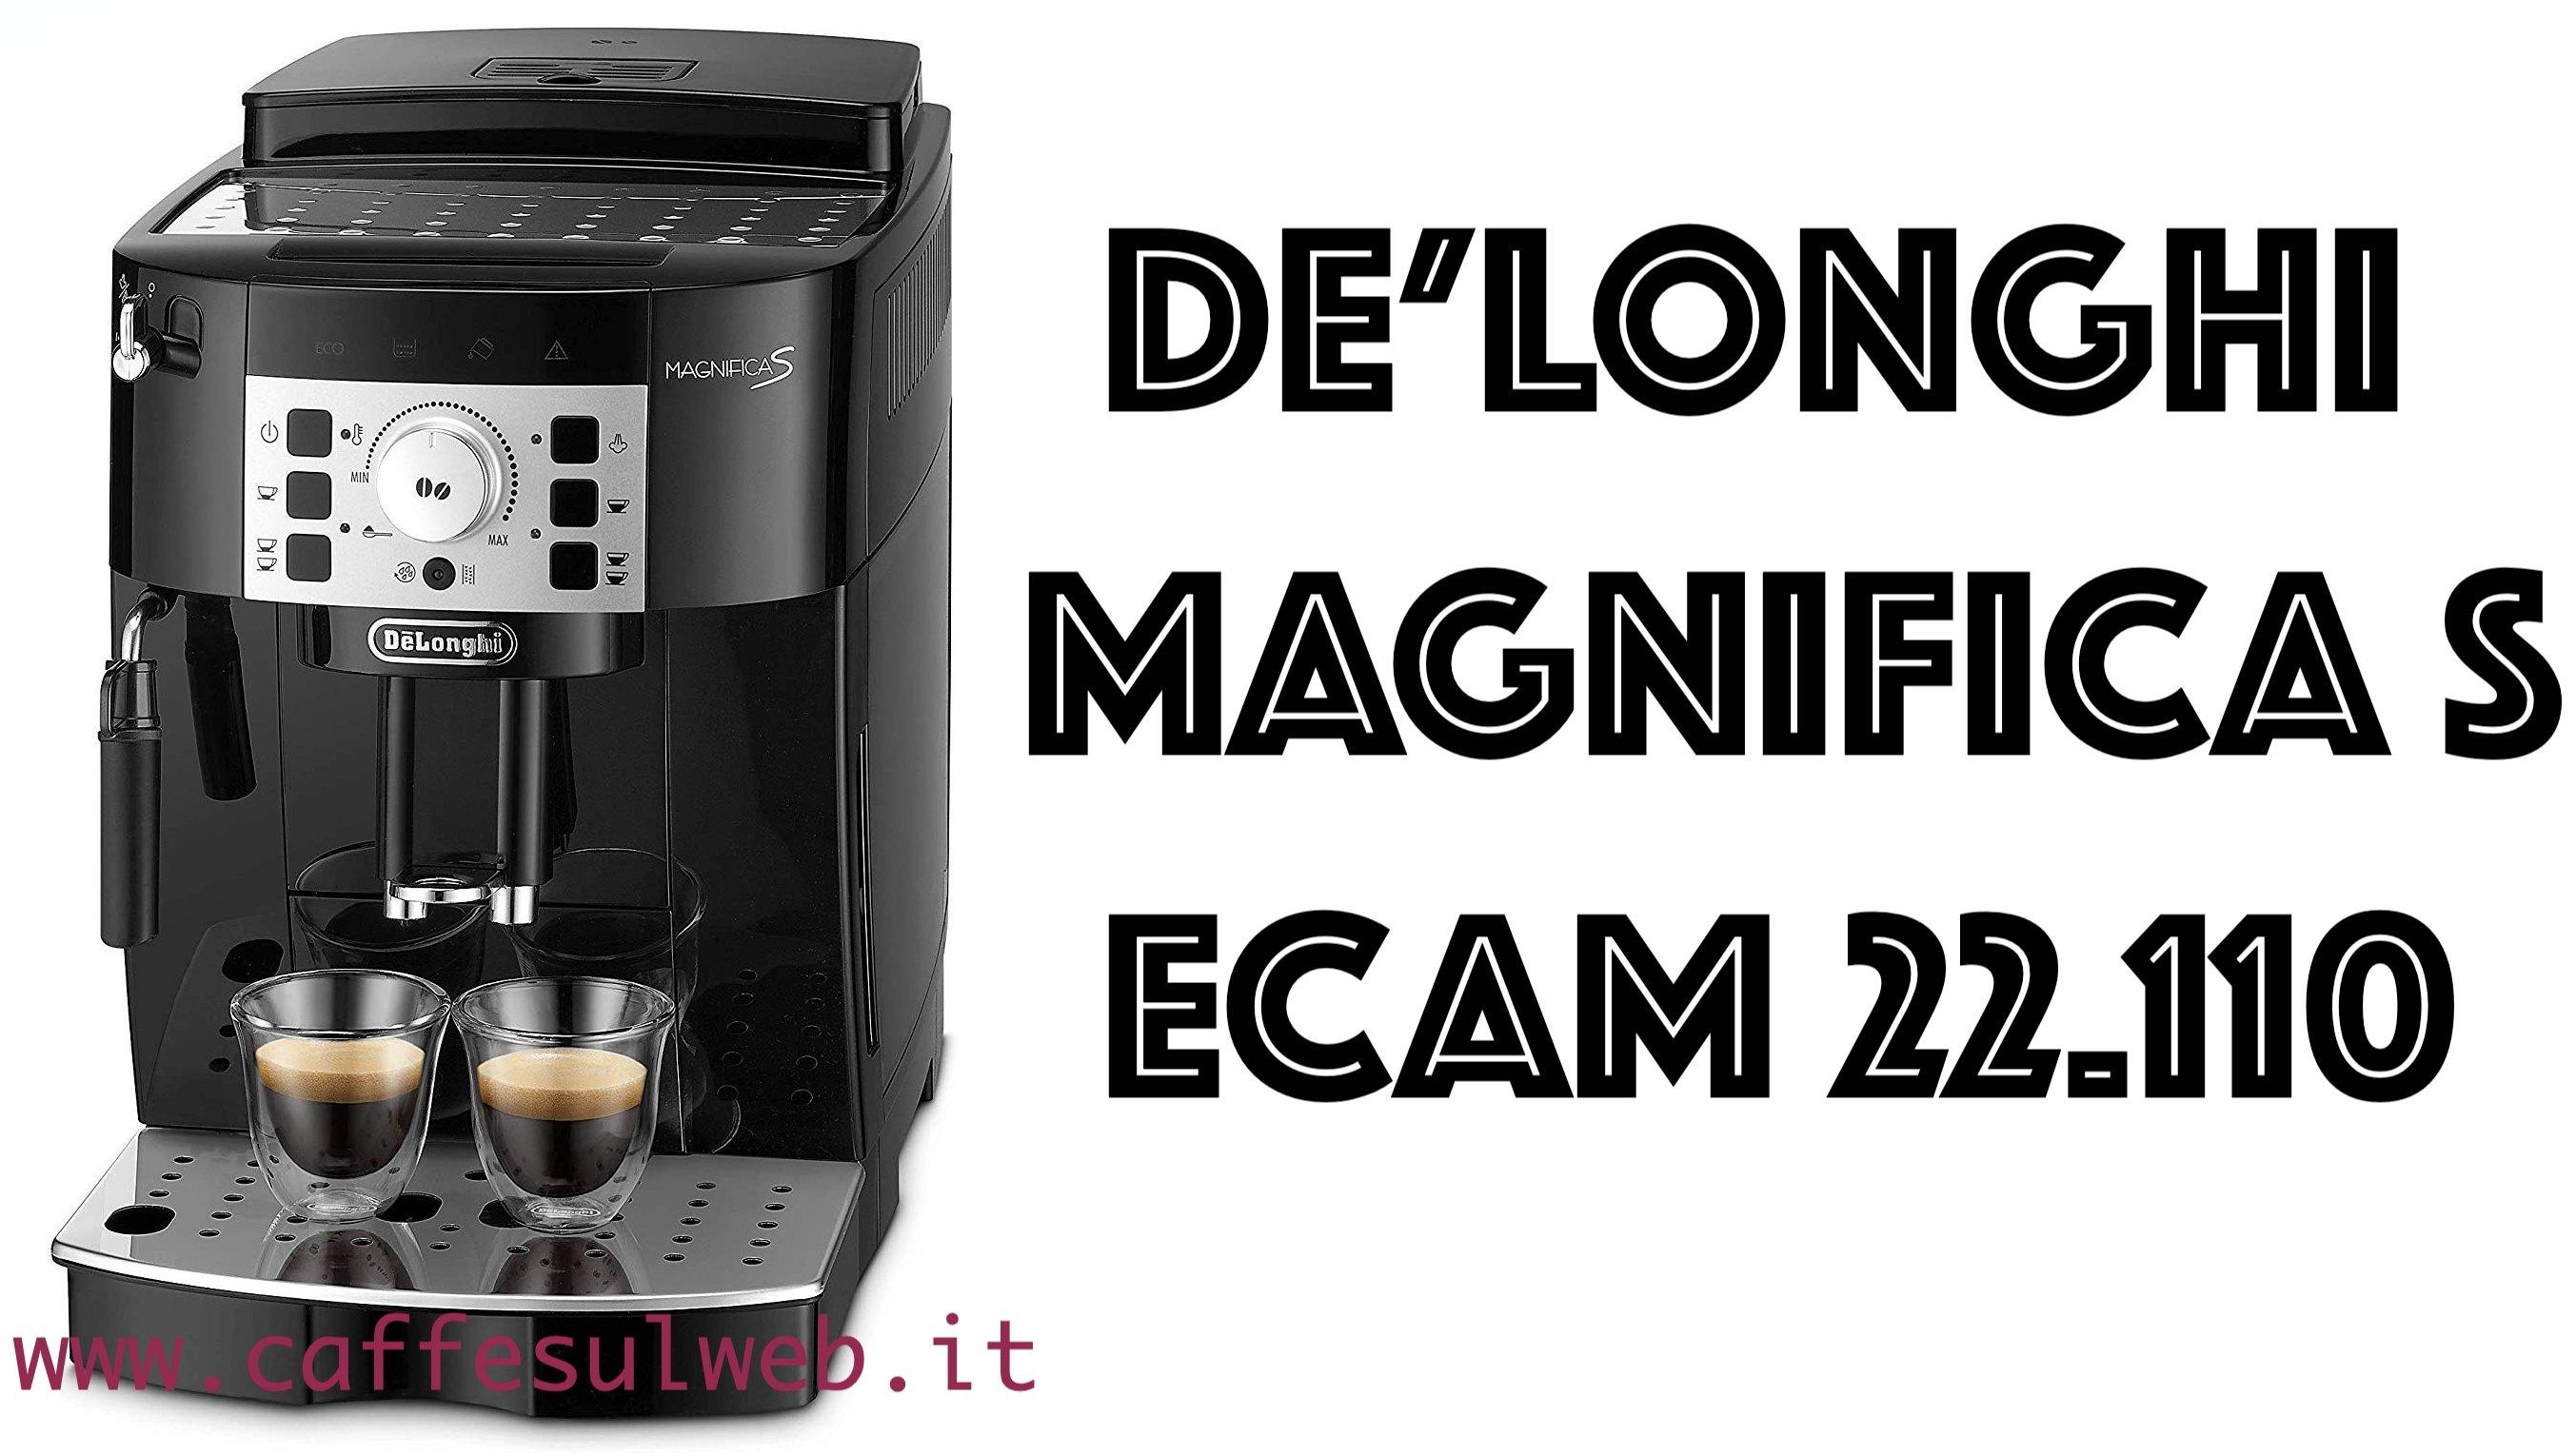 De Longhi Magnifica S ECAM 22 110 Recensioni Opinione Prezzo